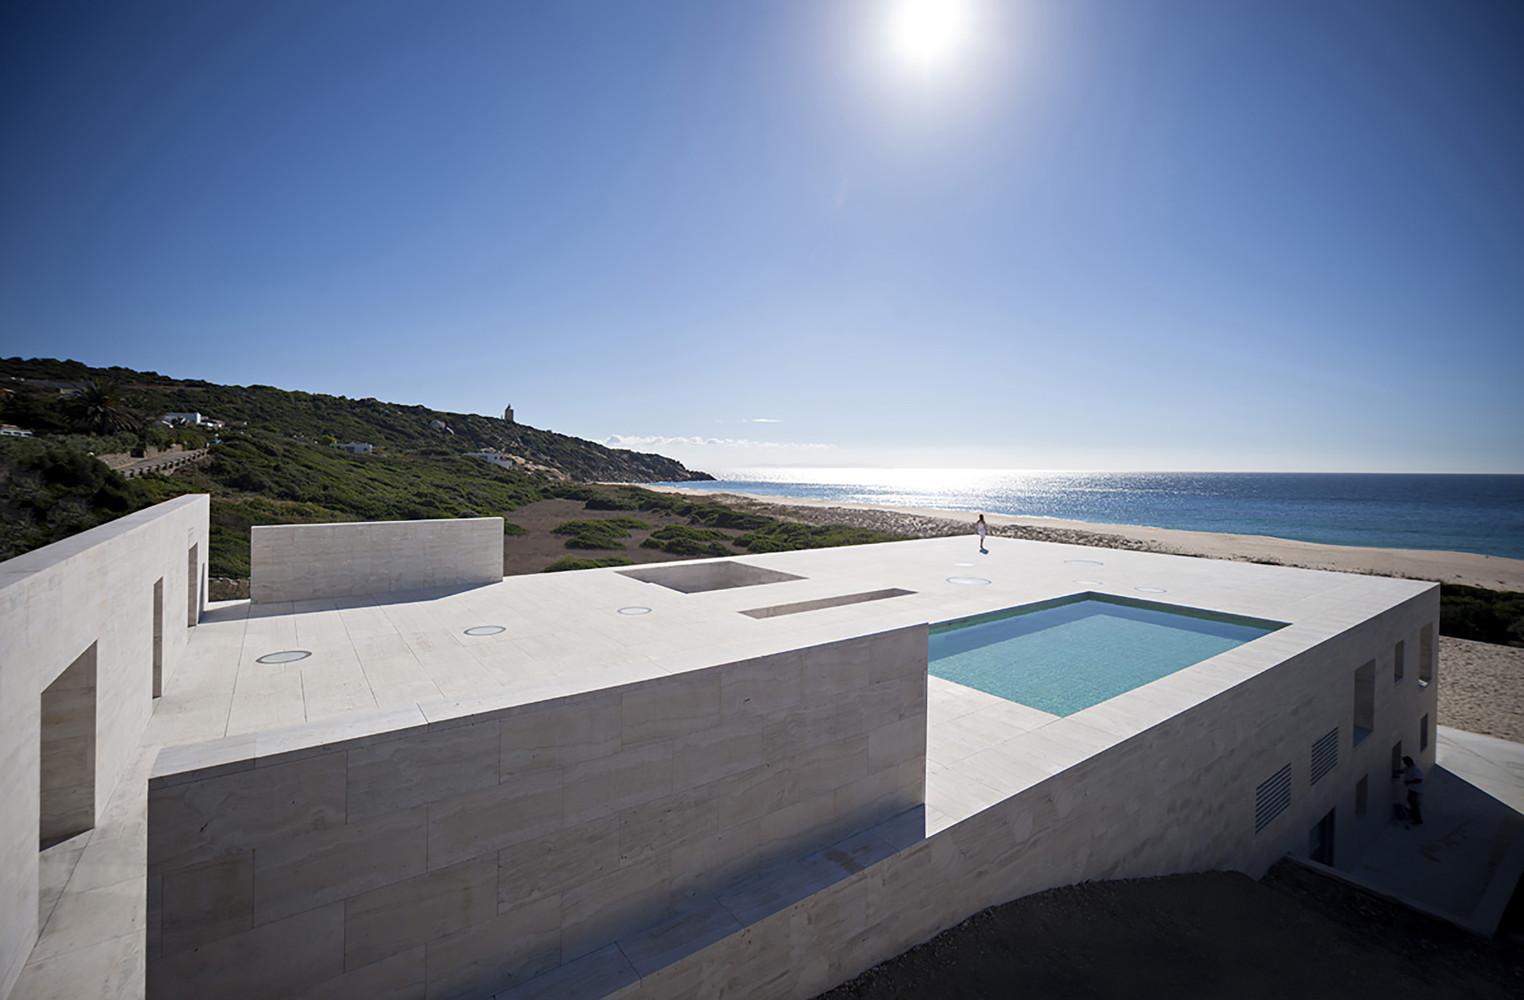 """4 13 - """"Casa del infinito"""": Horizonte espectacular de cielo y mar en Zahara de los Atunes (Cádiz)"""